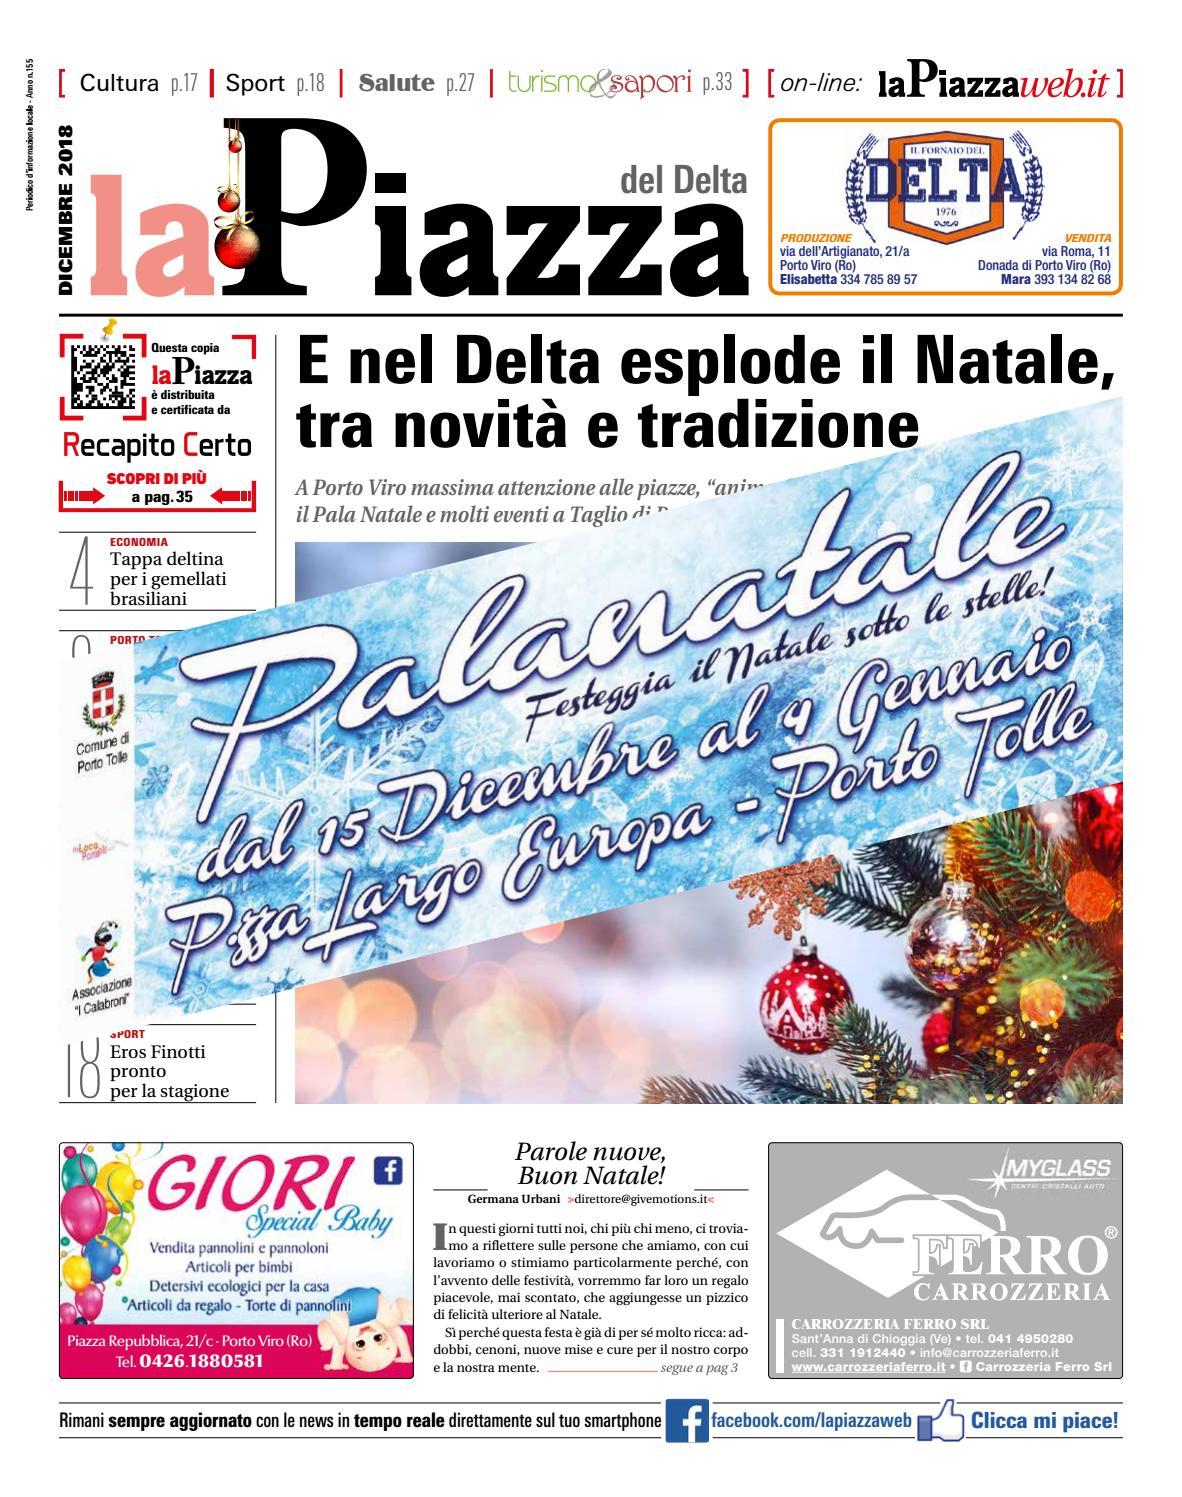 La Piazza del delta dic2018 n155 by lapiazza give emotions - issuu db76eae54b80